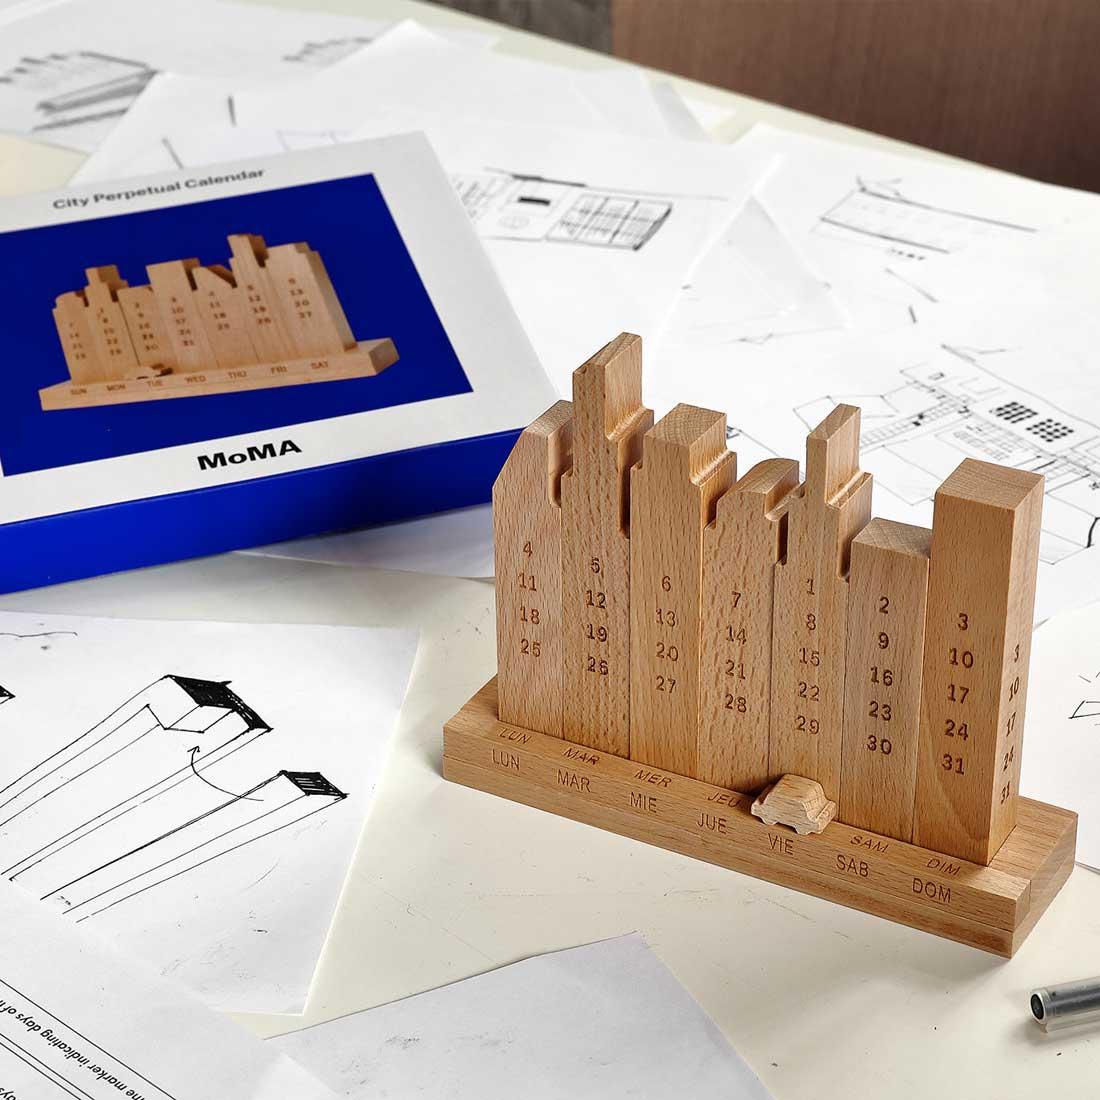 MoMA City Perpetual Calendar | the design gift shop